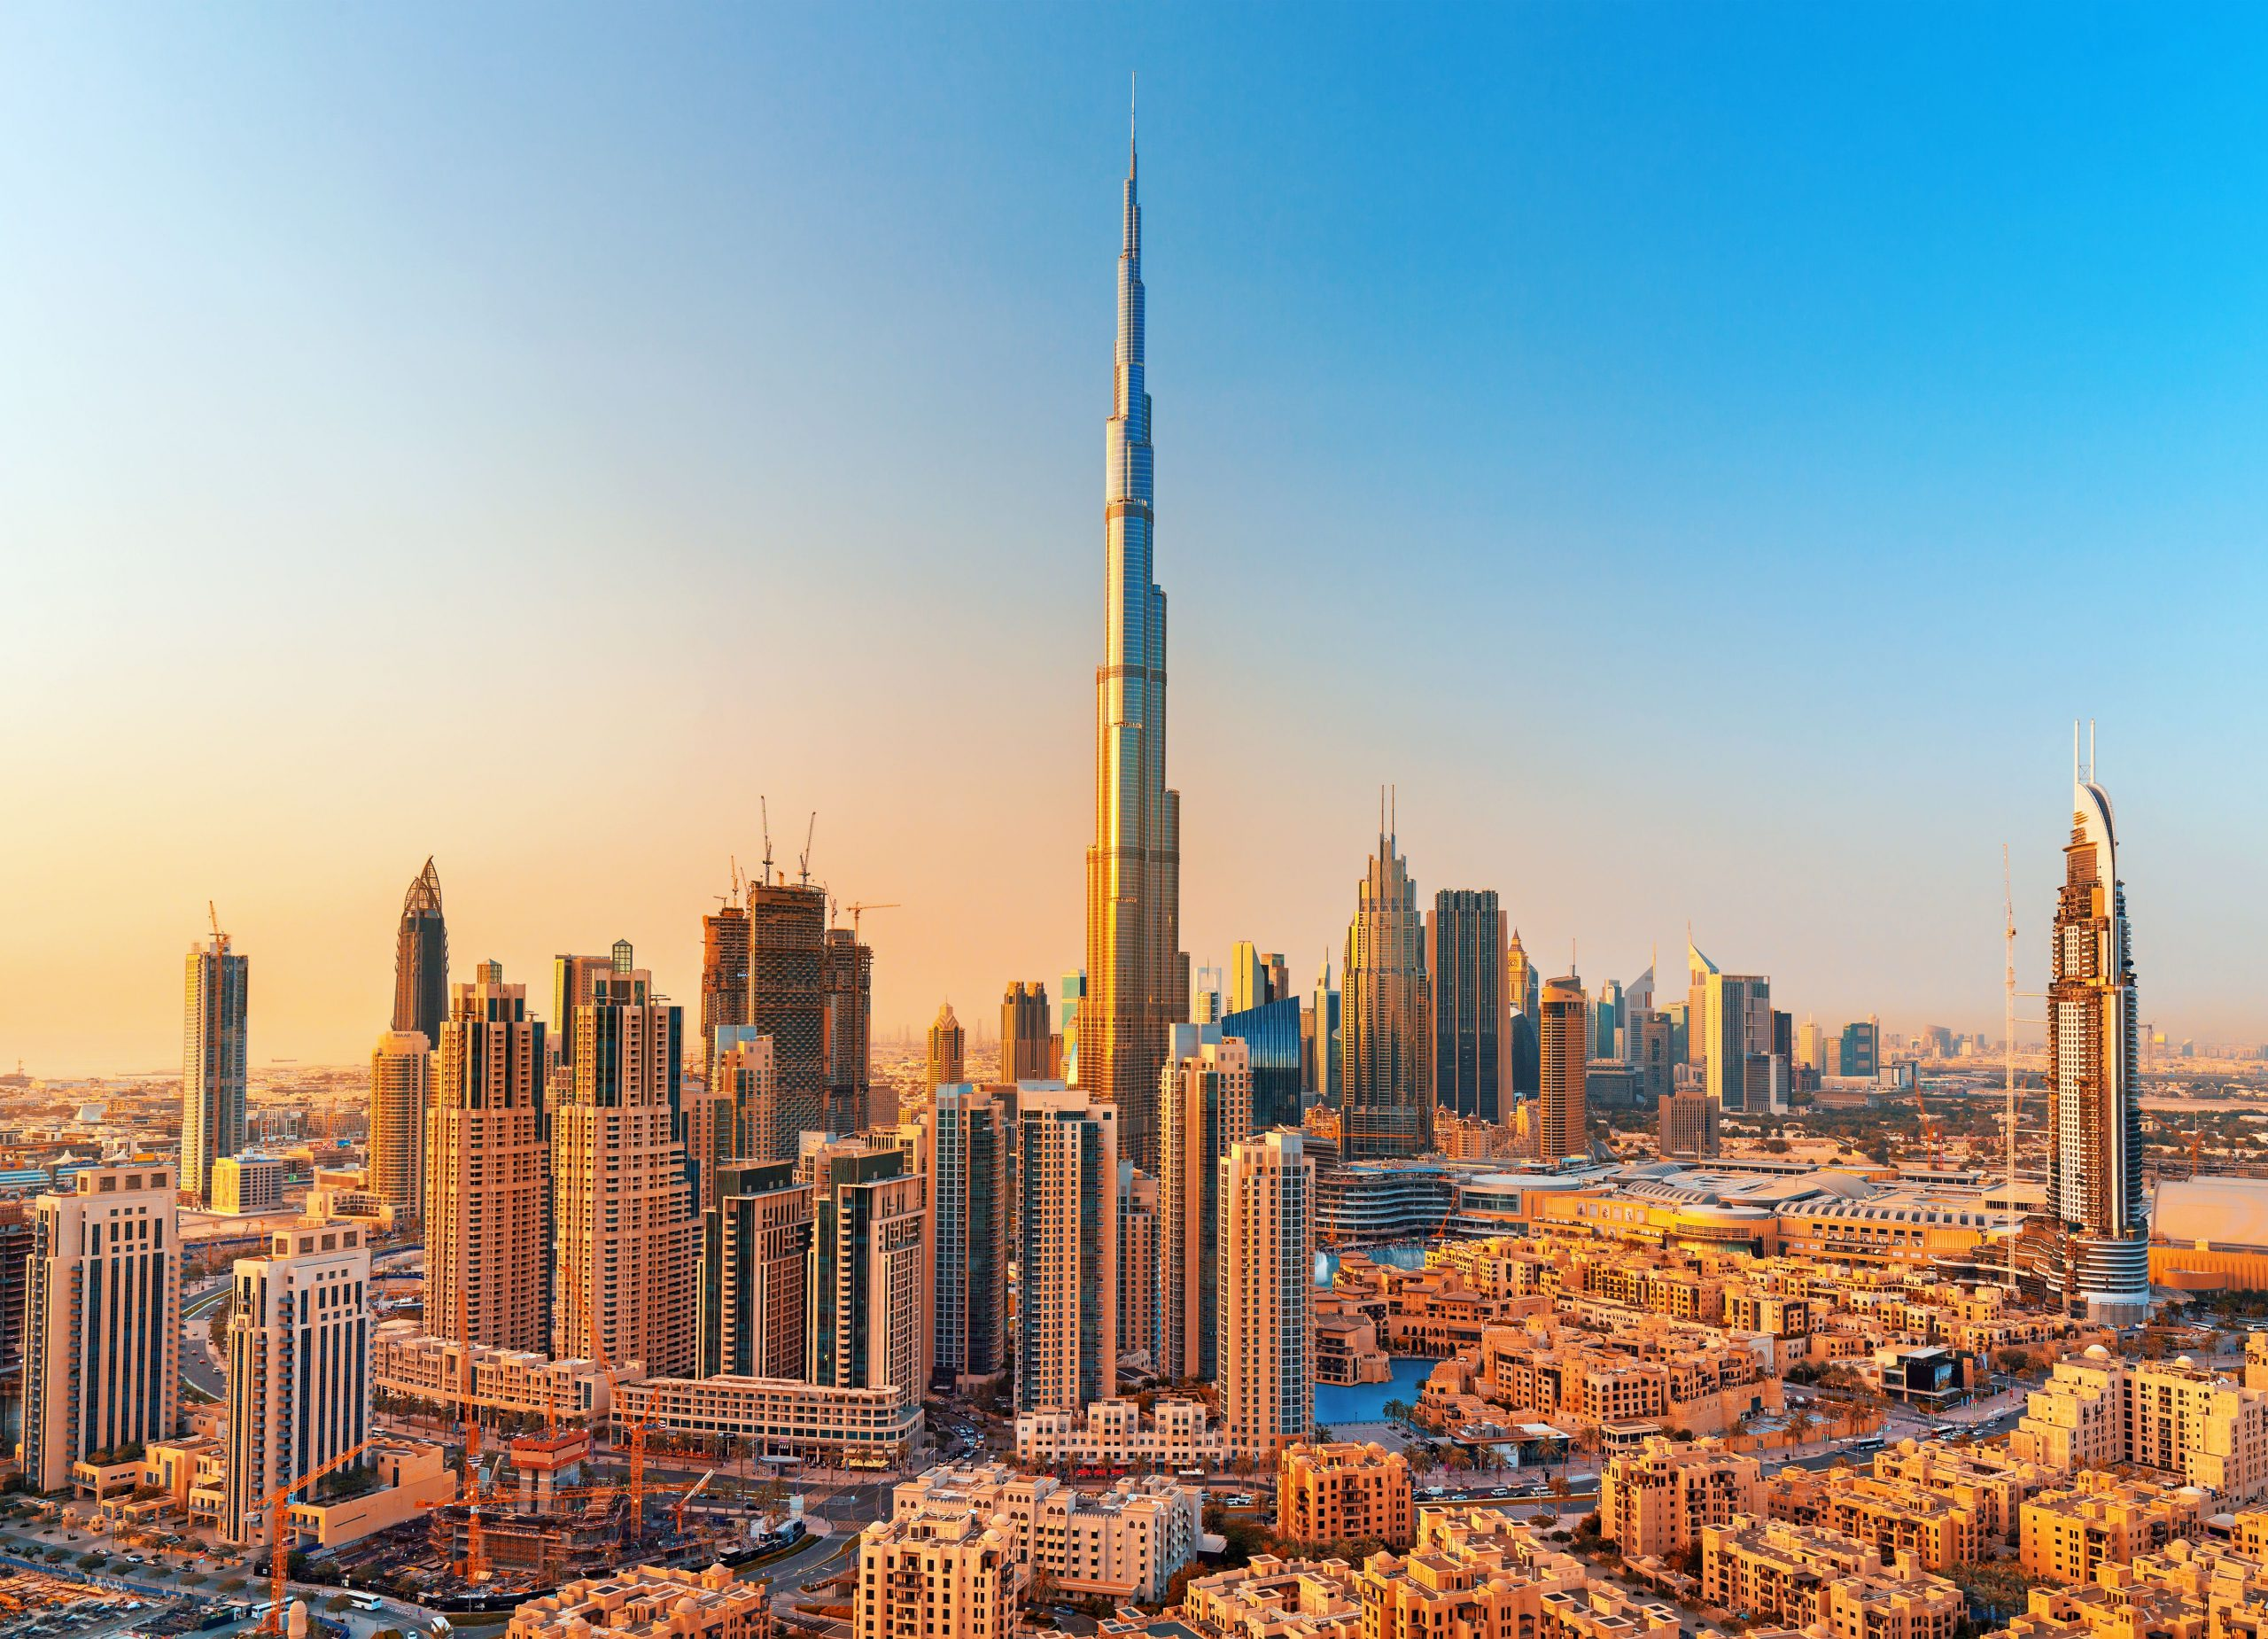 Dubaj - stik preteklosti in prihodnosti 6 dni